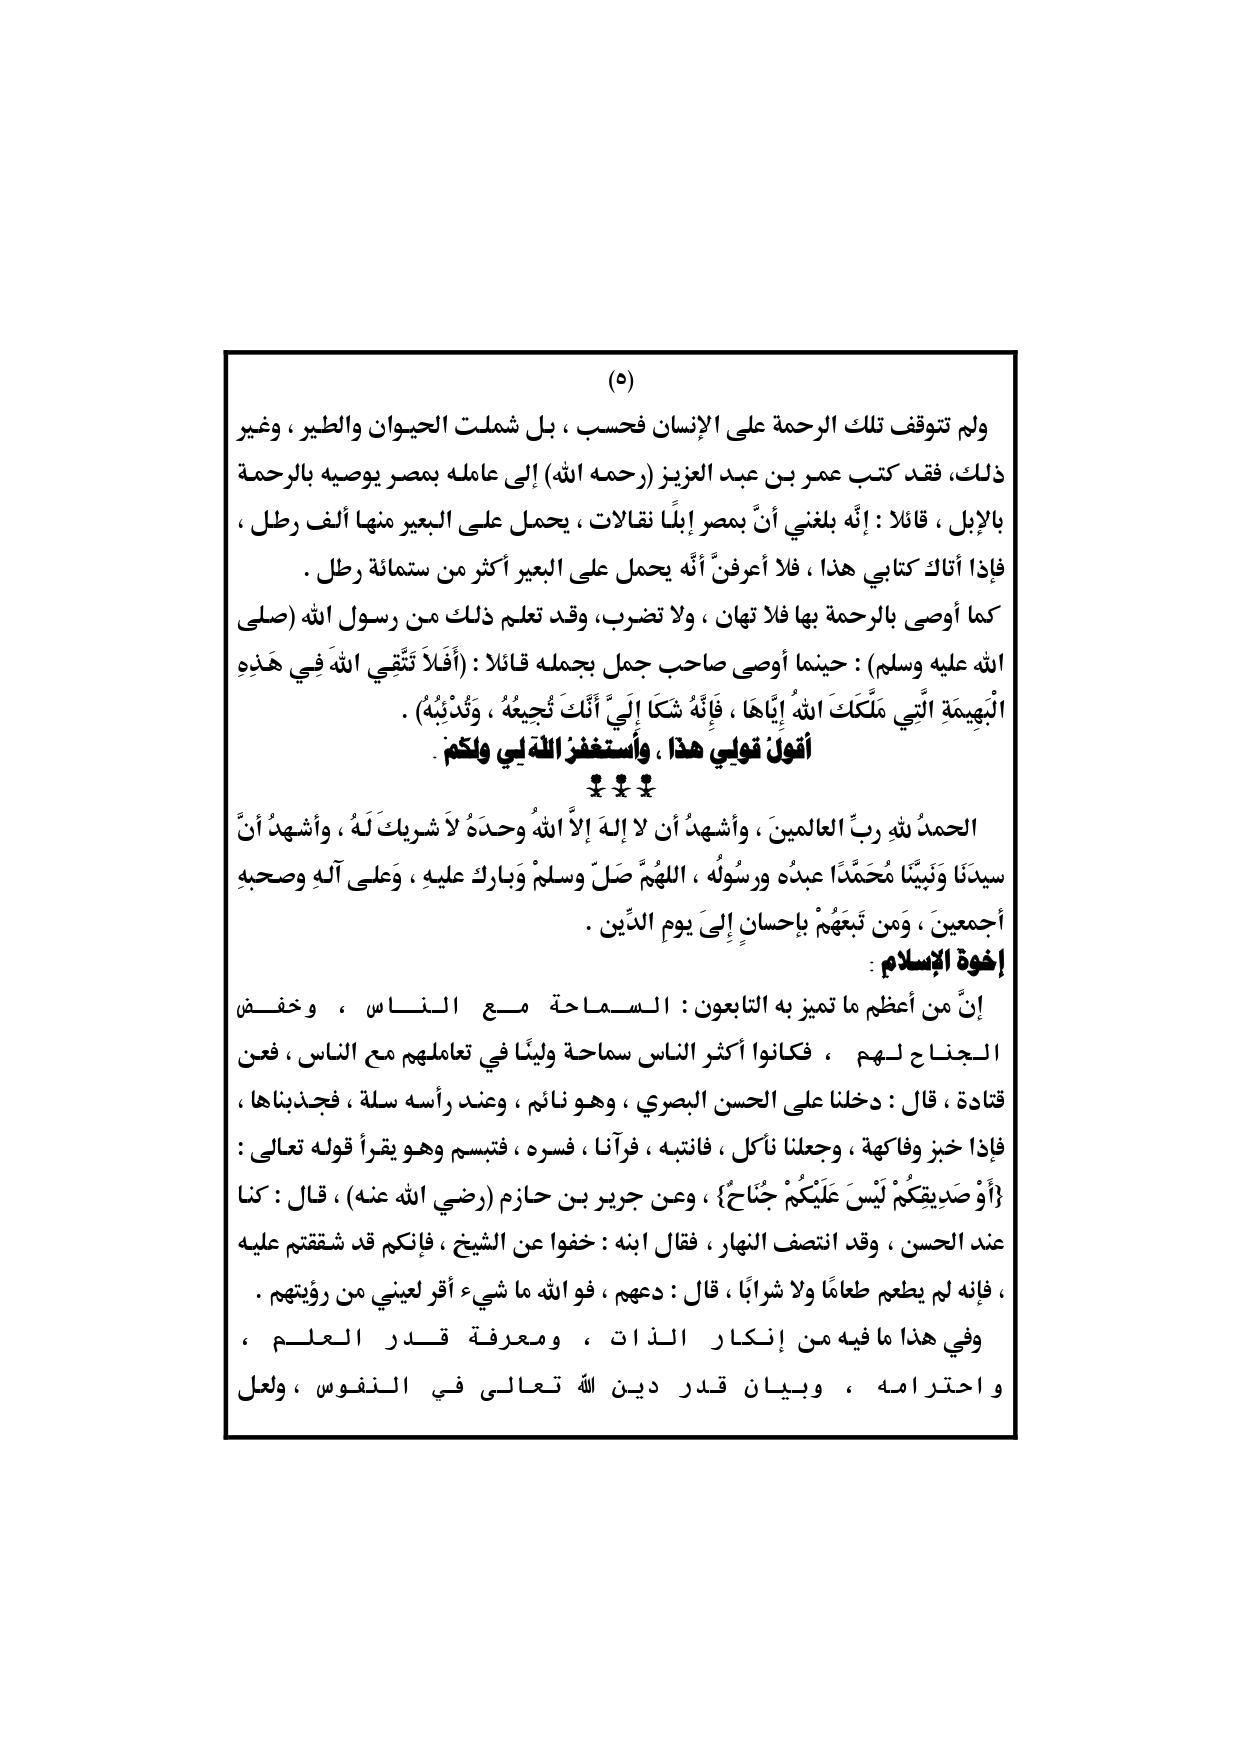 الخطبة الثانية : خطبة الجمعة القادمة 15 نوفمبر pdf : الإسلام عمل وسلوك نماذج من حياة التابعين